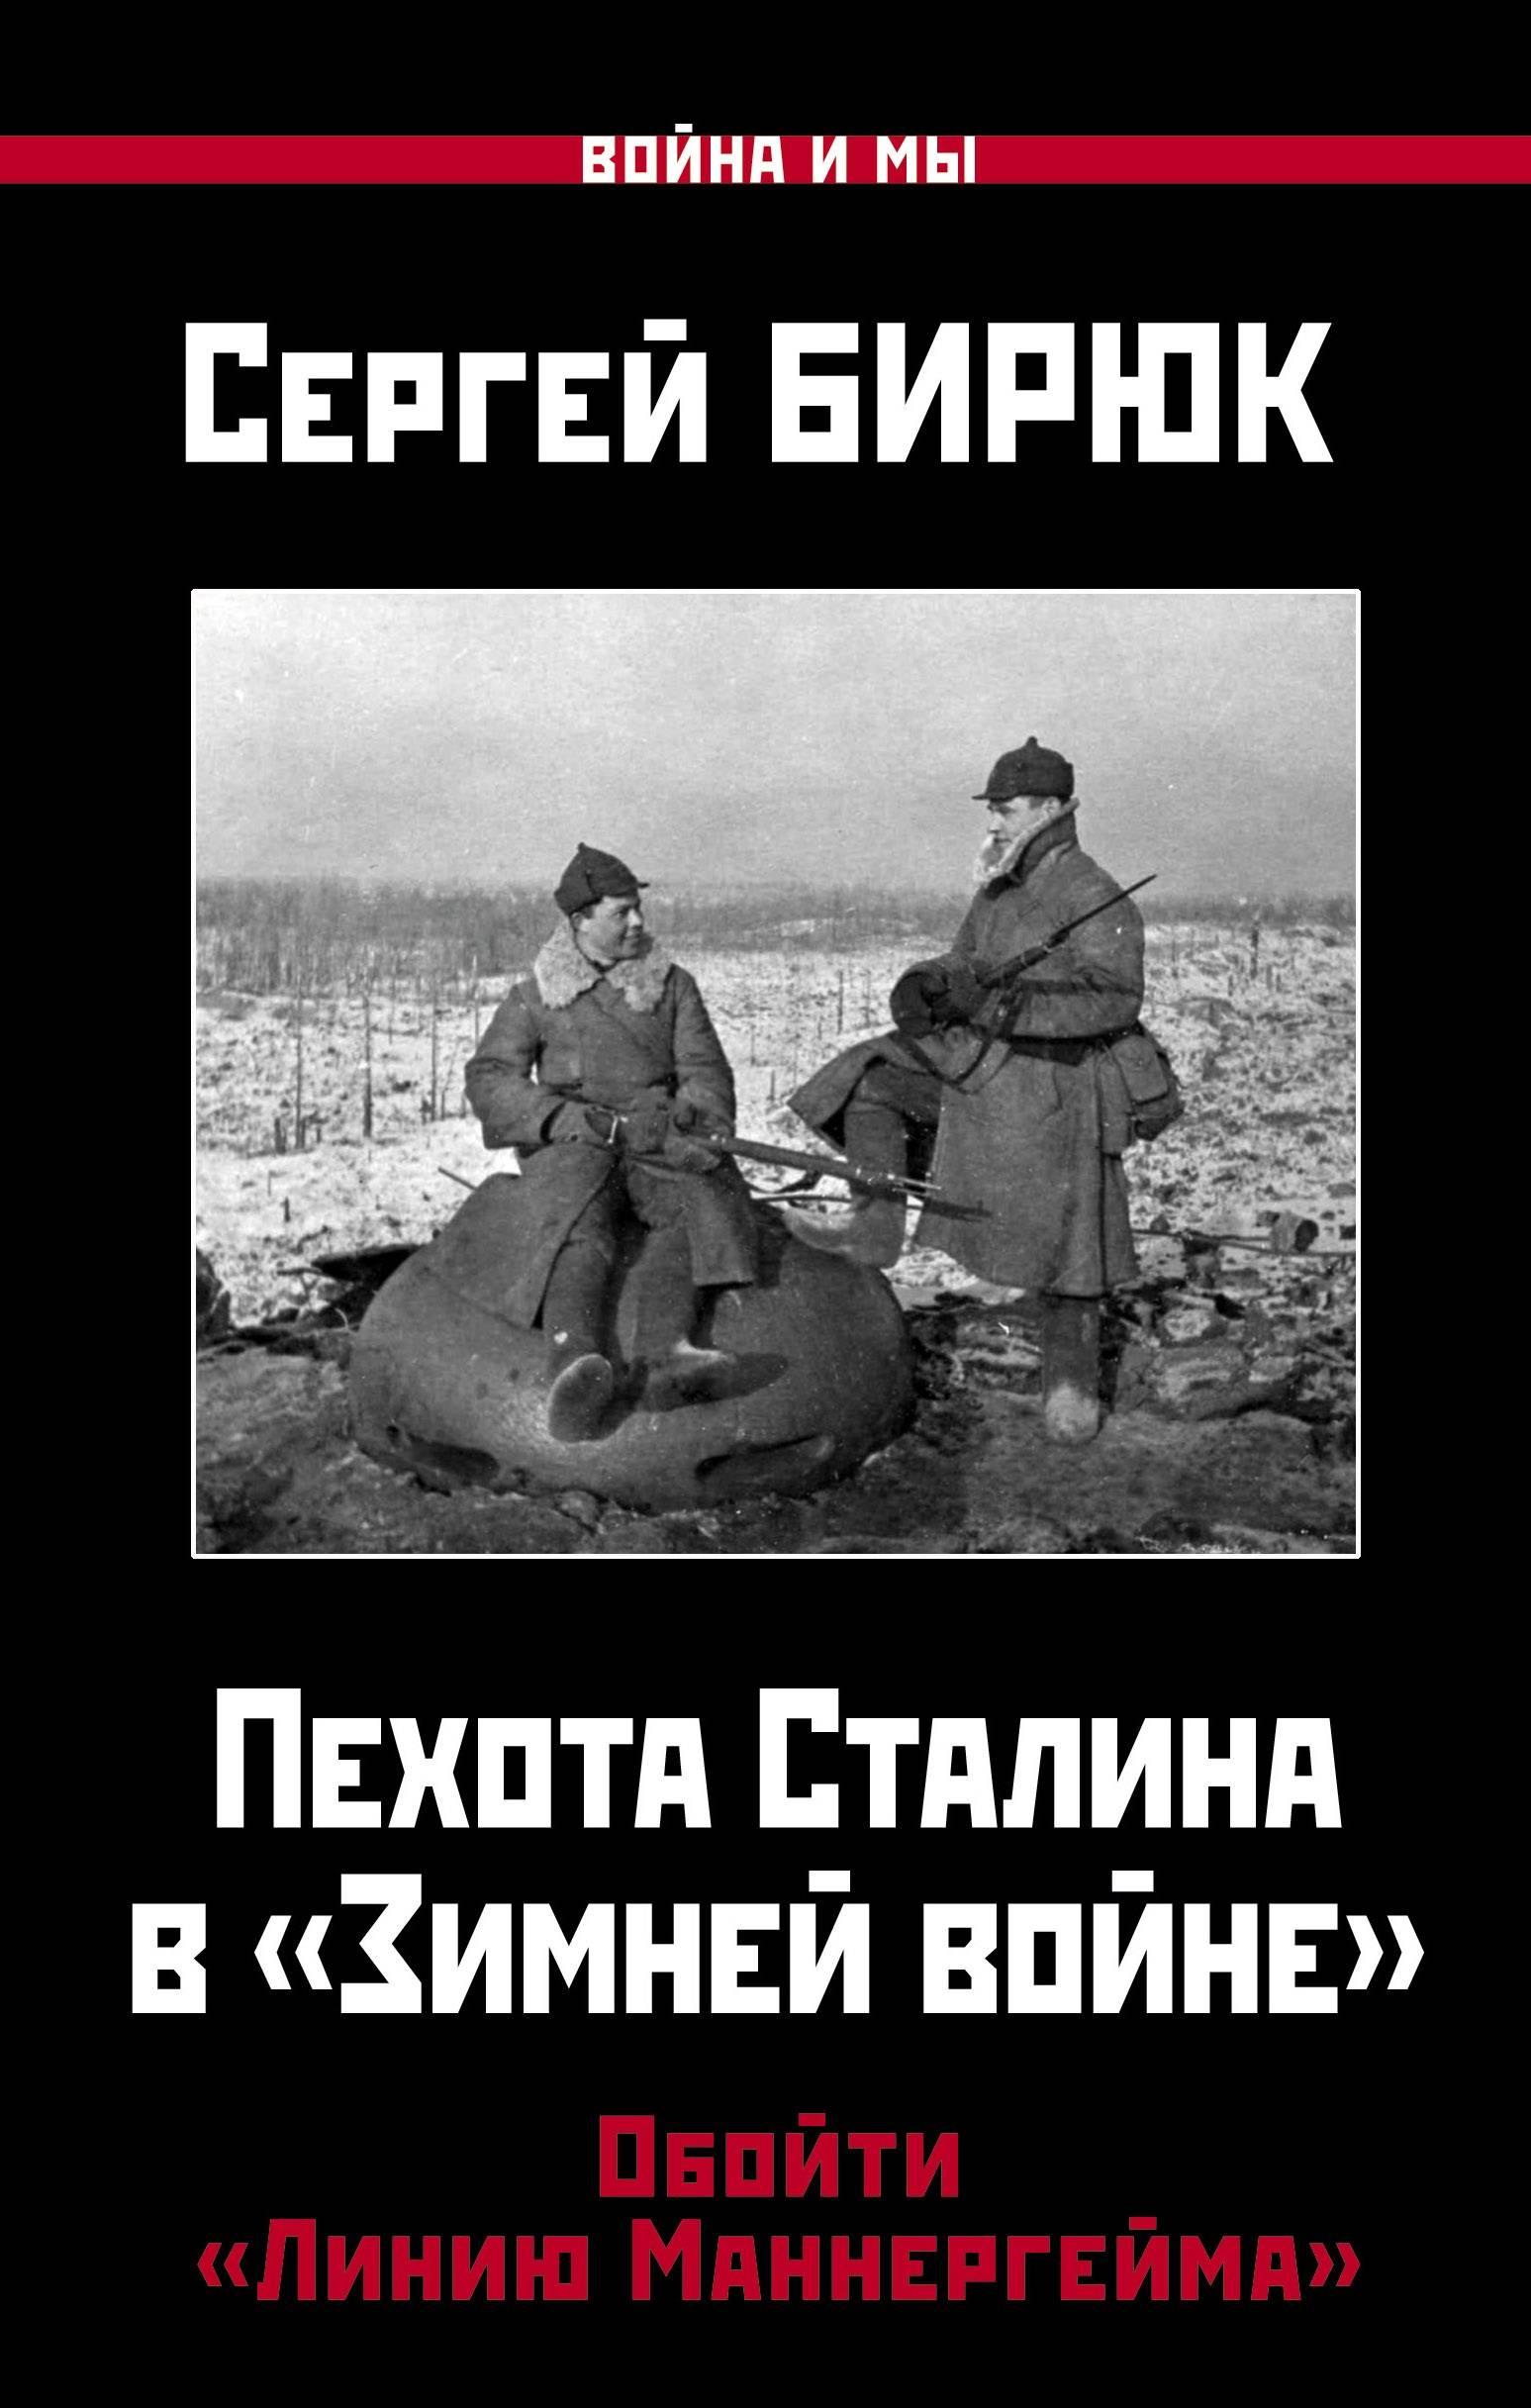 """Pekhota Stalina v """"Zimnej vojne"""": Obojti """"Liniju Mannergejma"""""""